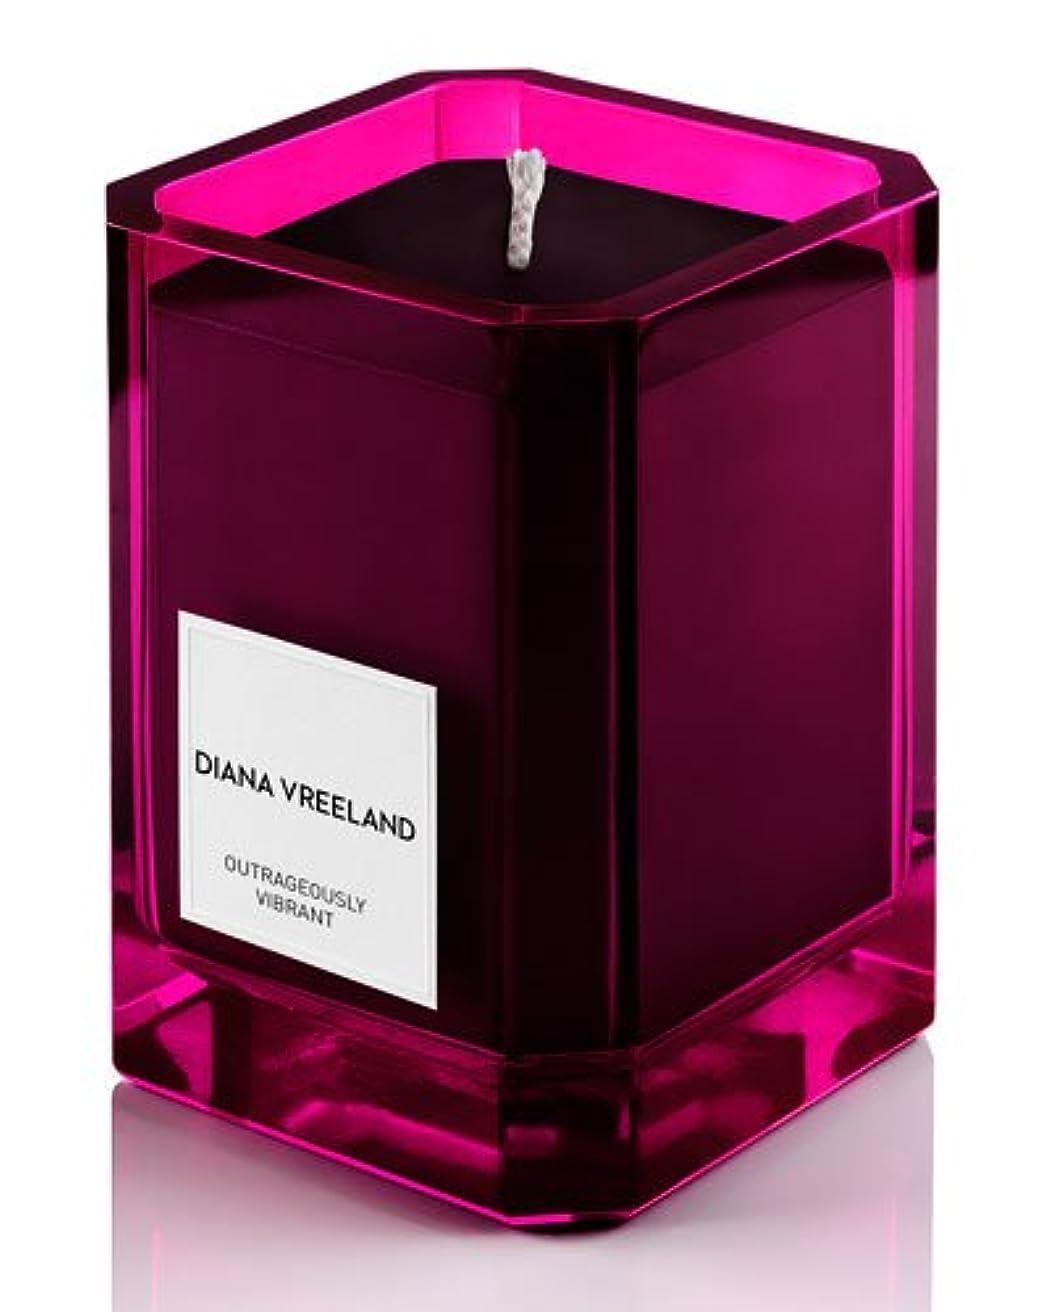 限りなく嫌い法的Diana Vreeland Outrageously Vibrant(ダイアナ ヴリーランド アウトレイジャスリー ヴィブラント)9.7 oz (291ml) Candle(香り付きキャンドル)